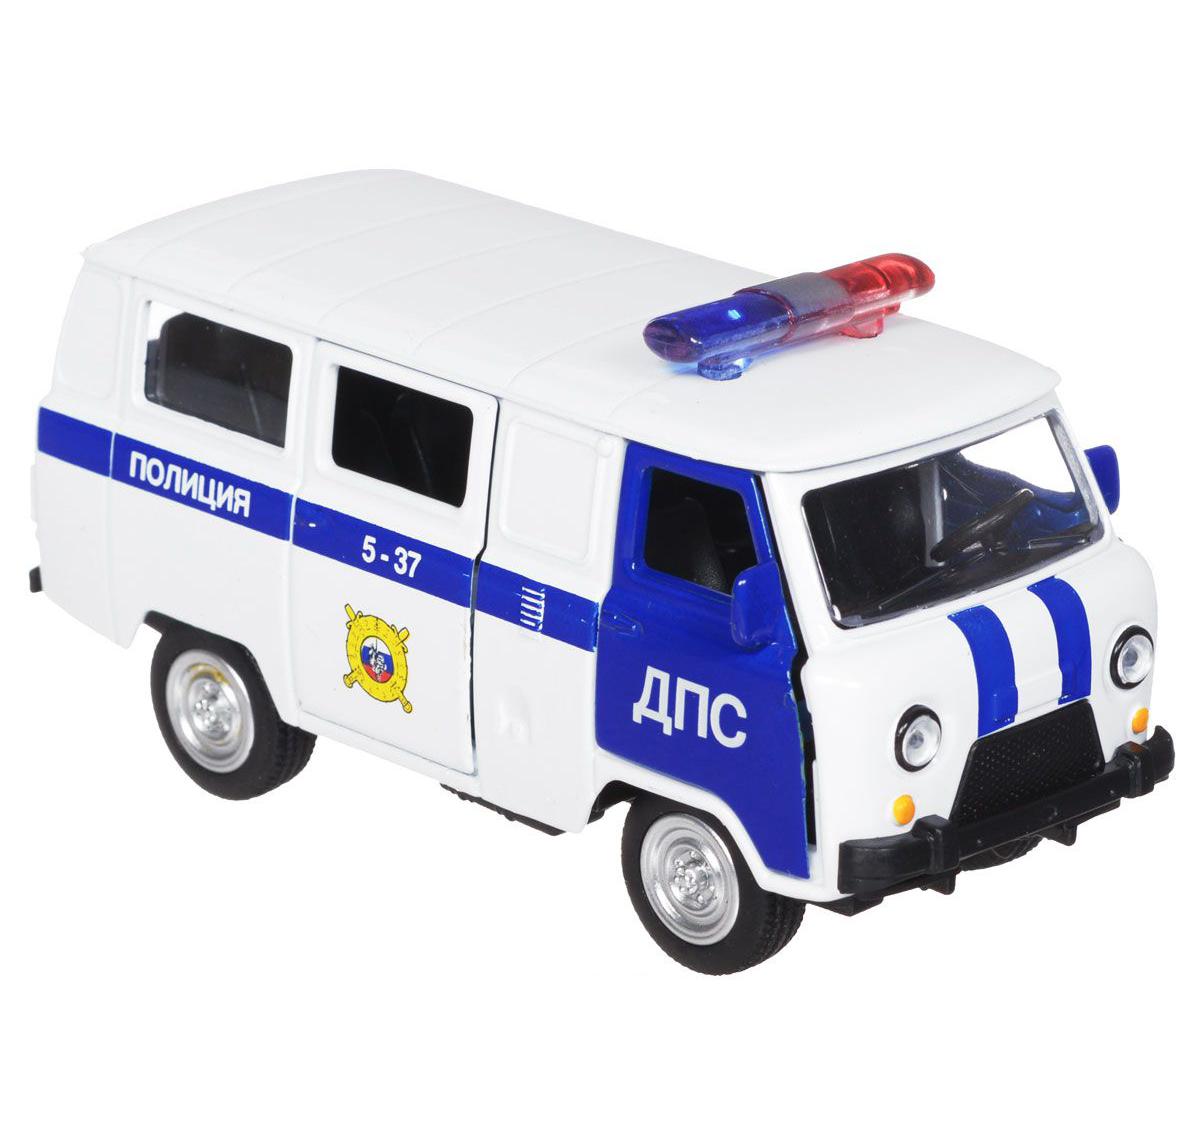 Купить Машина металлическая инерционная - Уаз 39625 – Полиция, ДПС, Технопарк